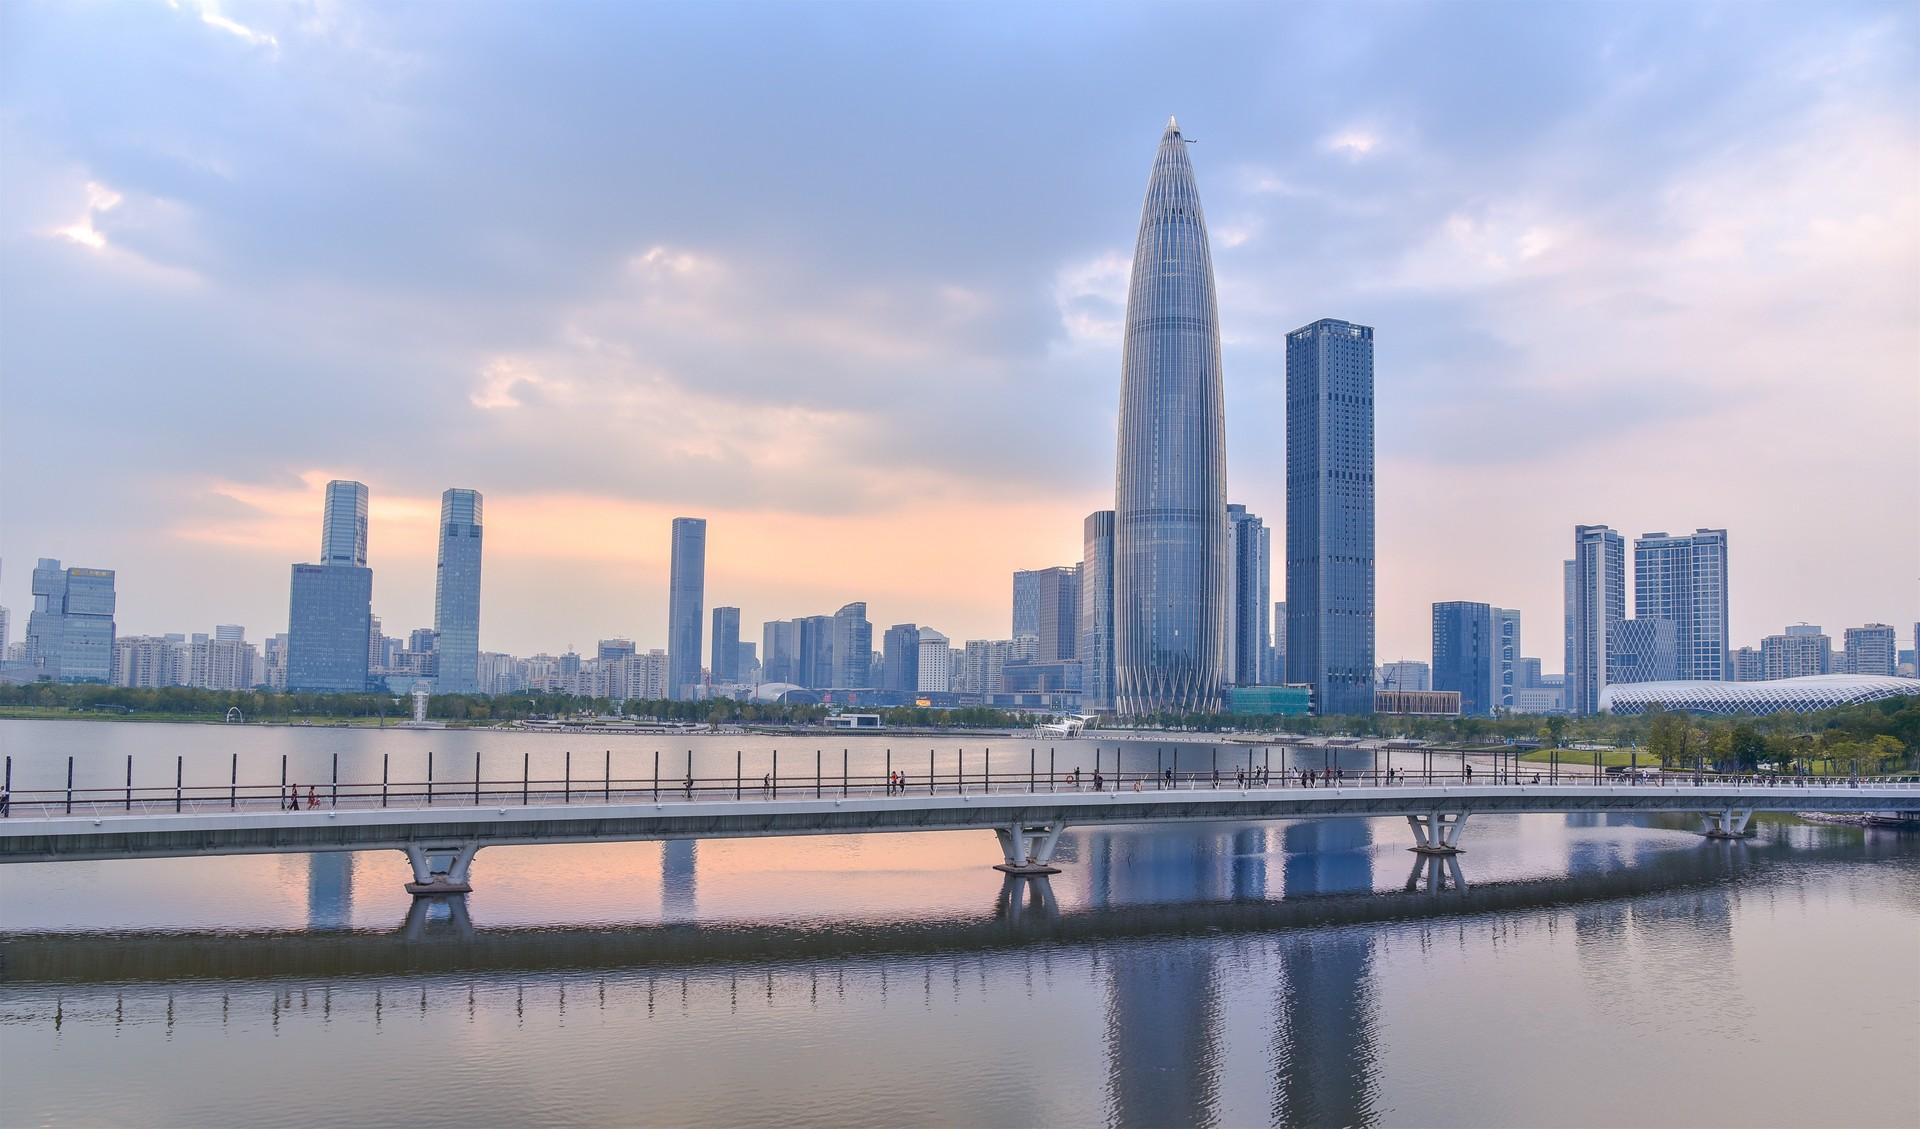 深圳前海注册公司首次办理地址挂靠.jpg